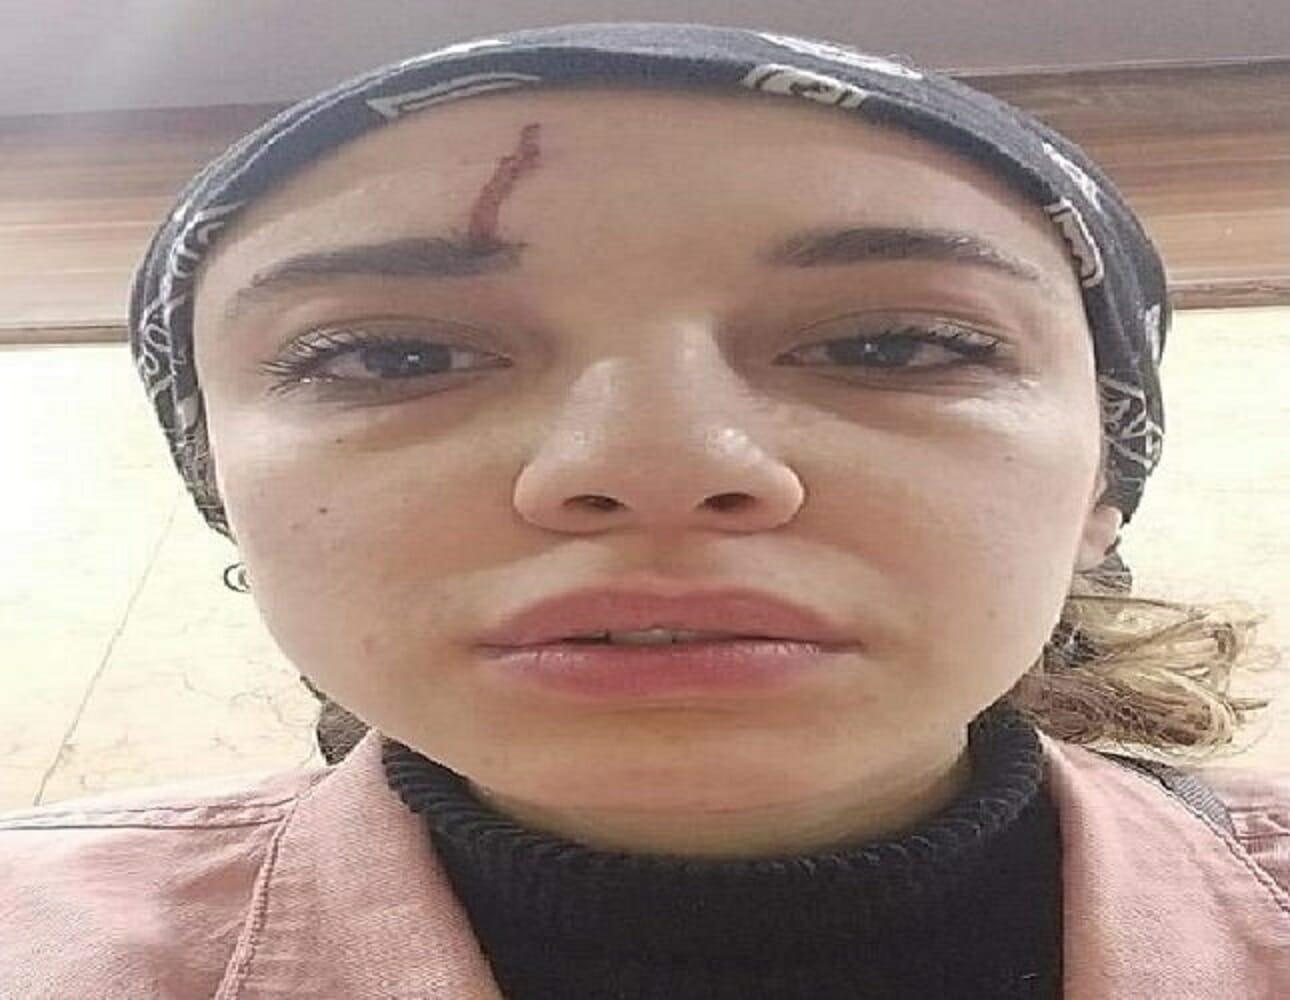 فتاة مصرية تتعرض للتحرش وتثير ضجة واسعة